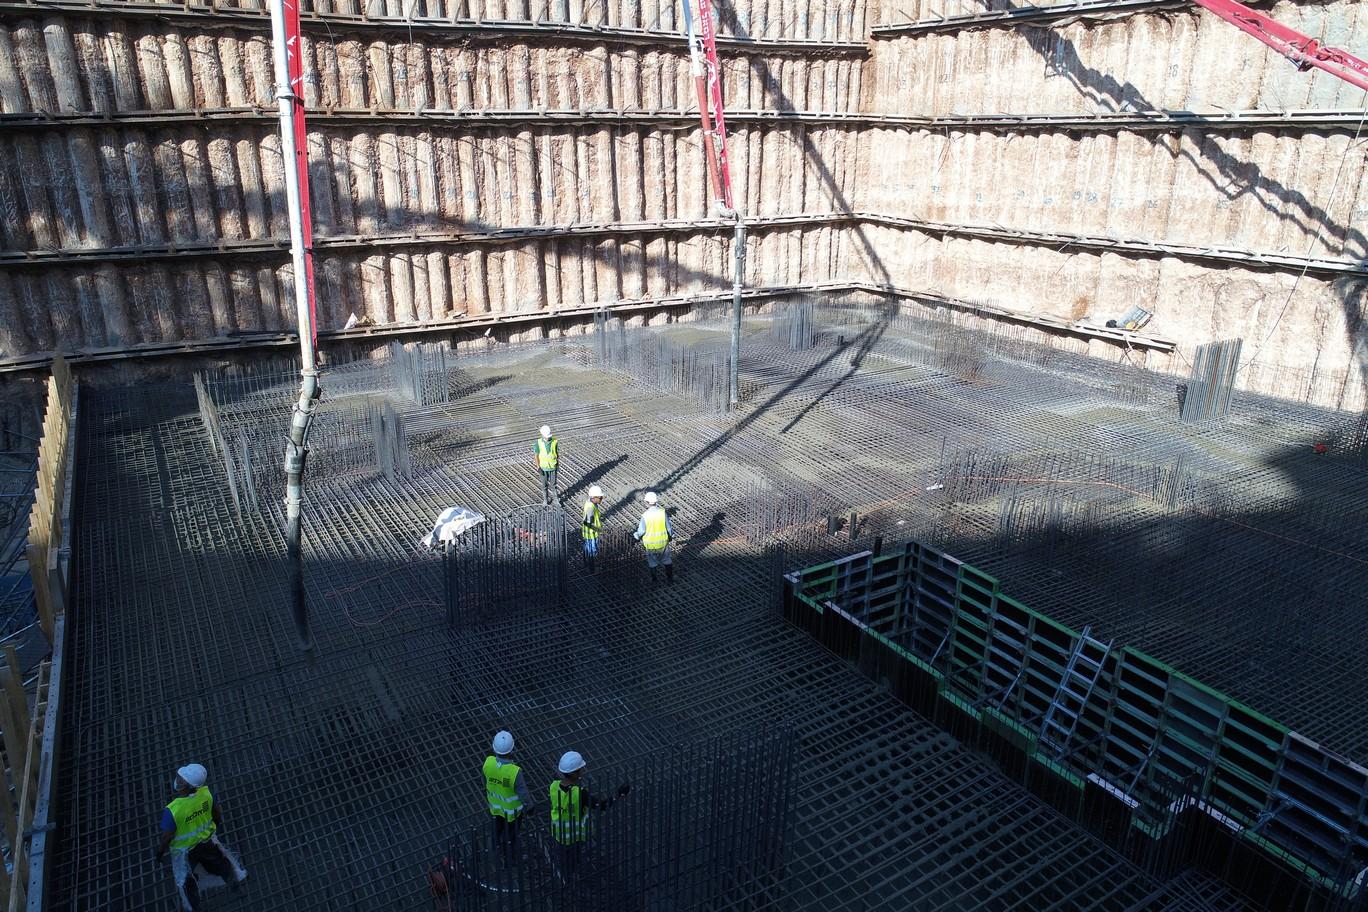 יציקת רפסודה יסודות חניון תת קרקעי 5- 07.10.2020